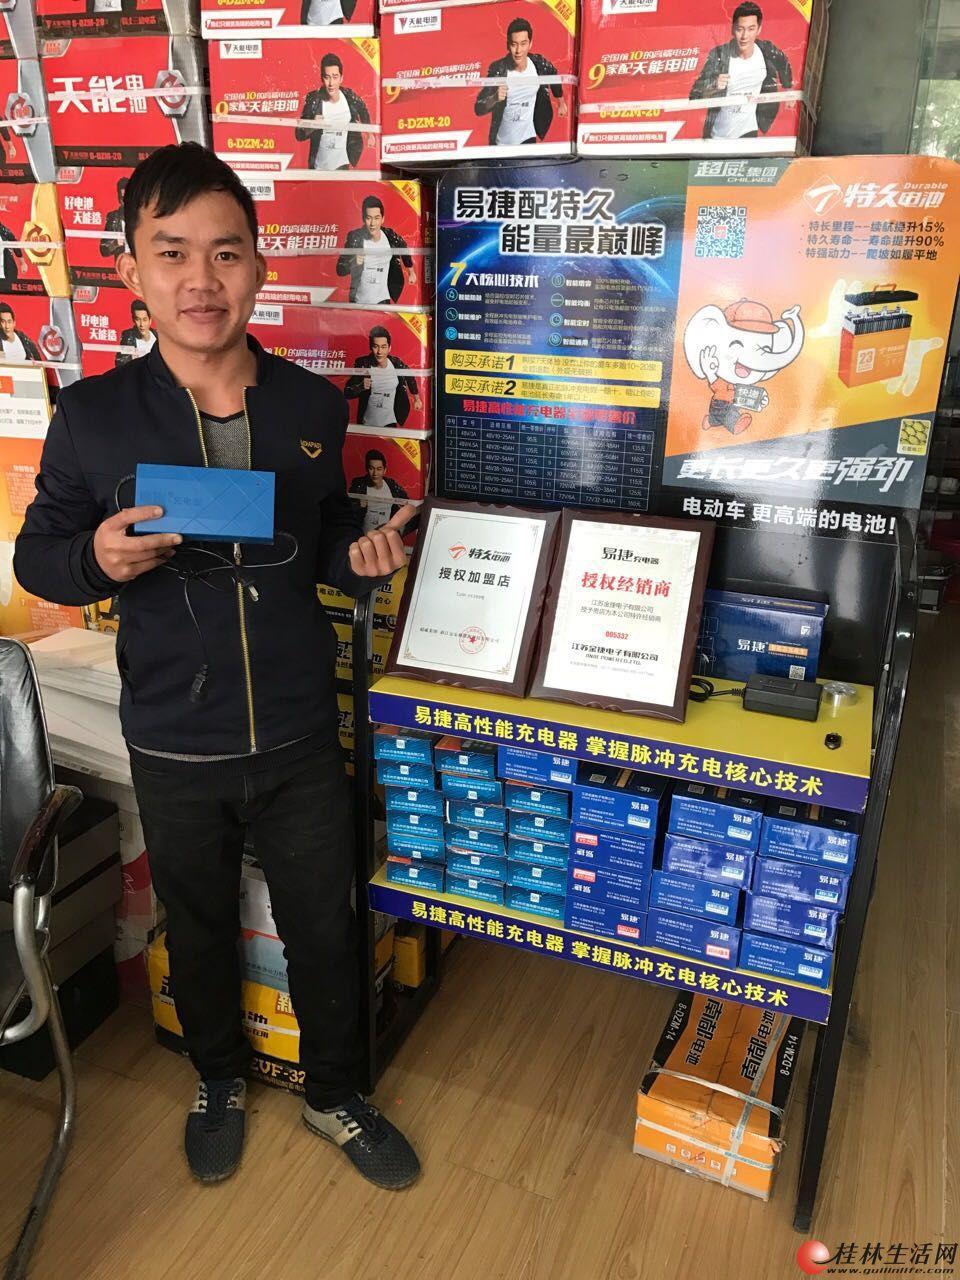 电动车电池如何保养?桂林久久行电池超市告诉你!